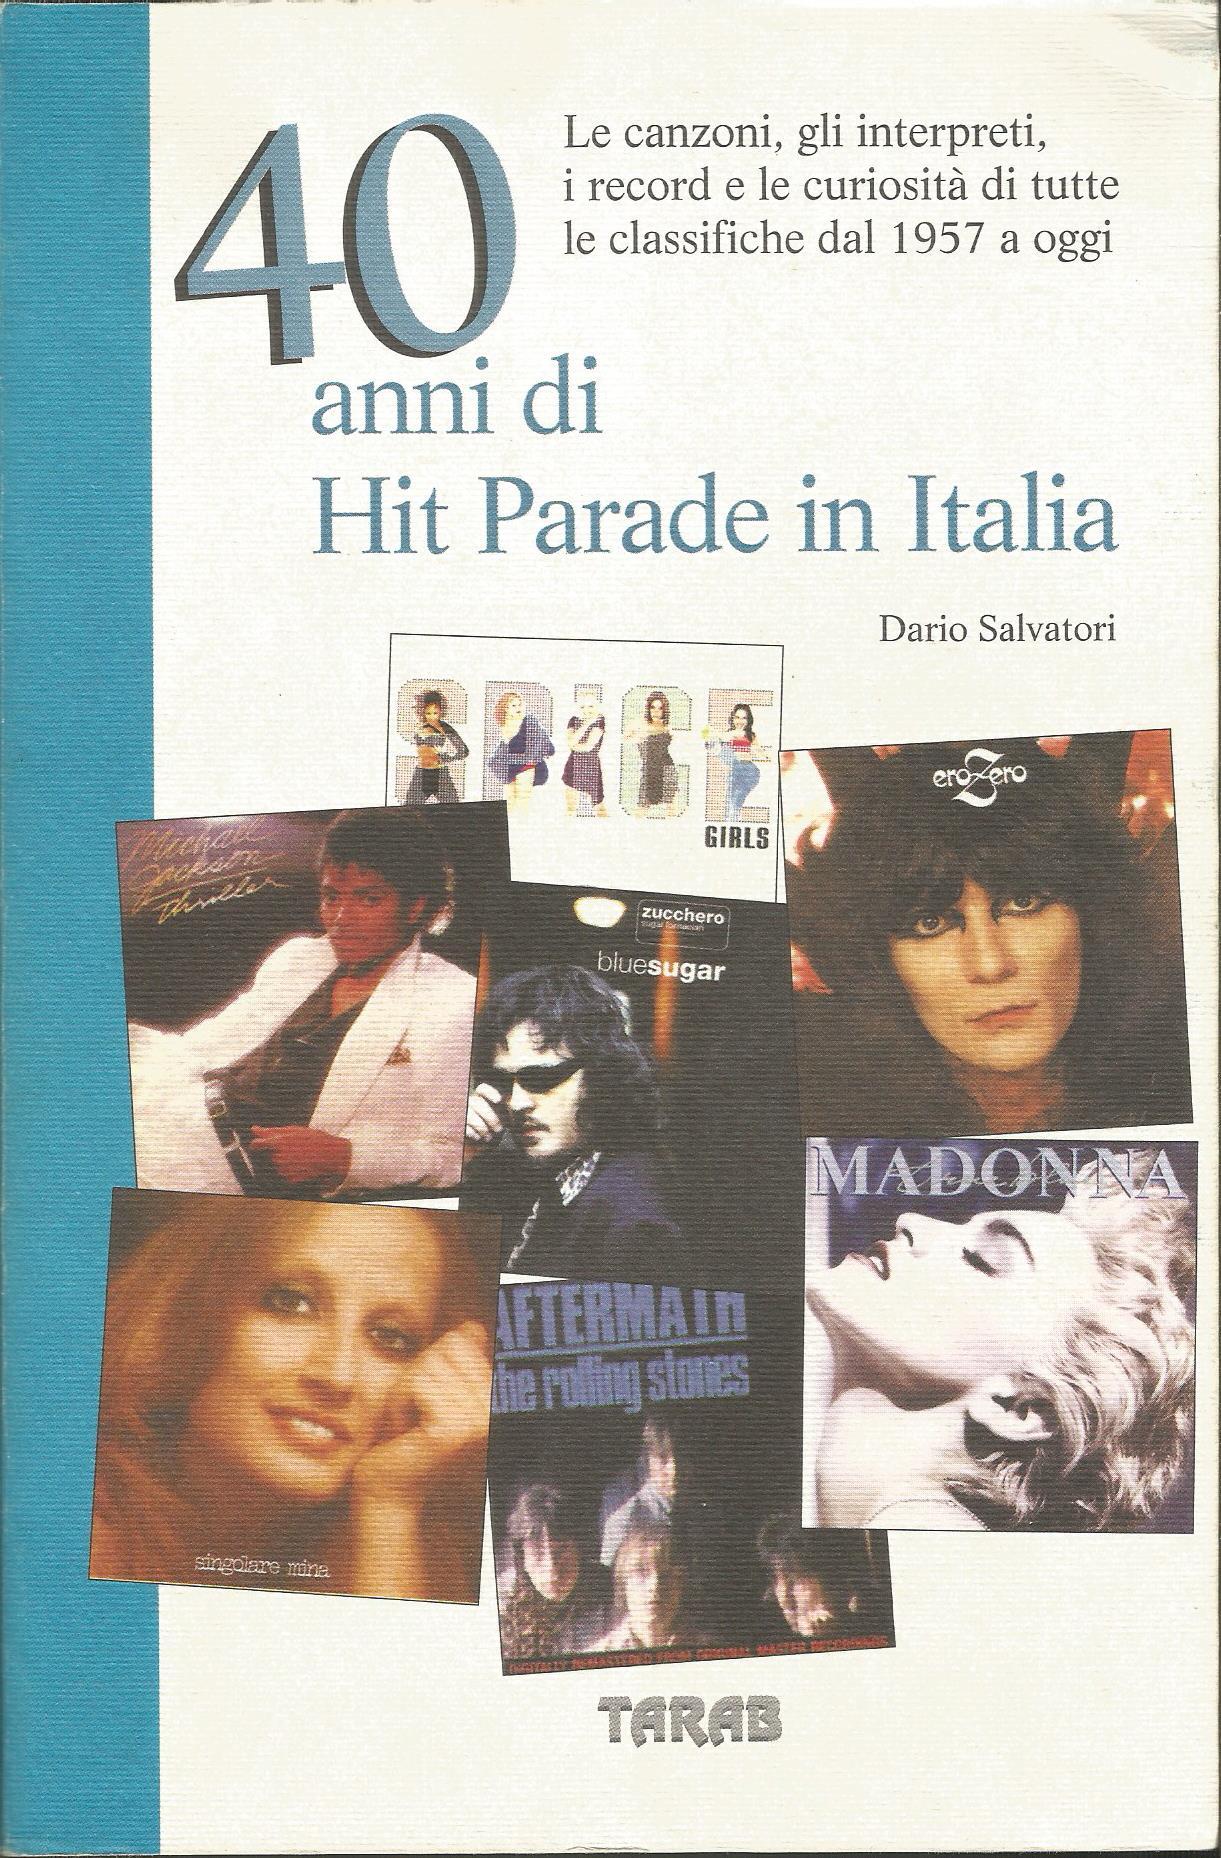 Quaranta anni di hit parade in Italia